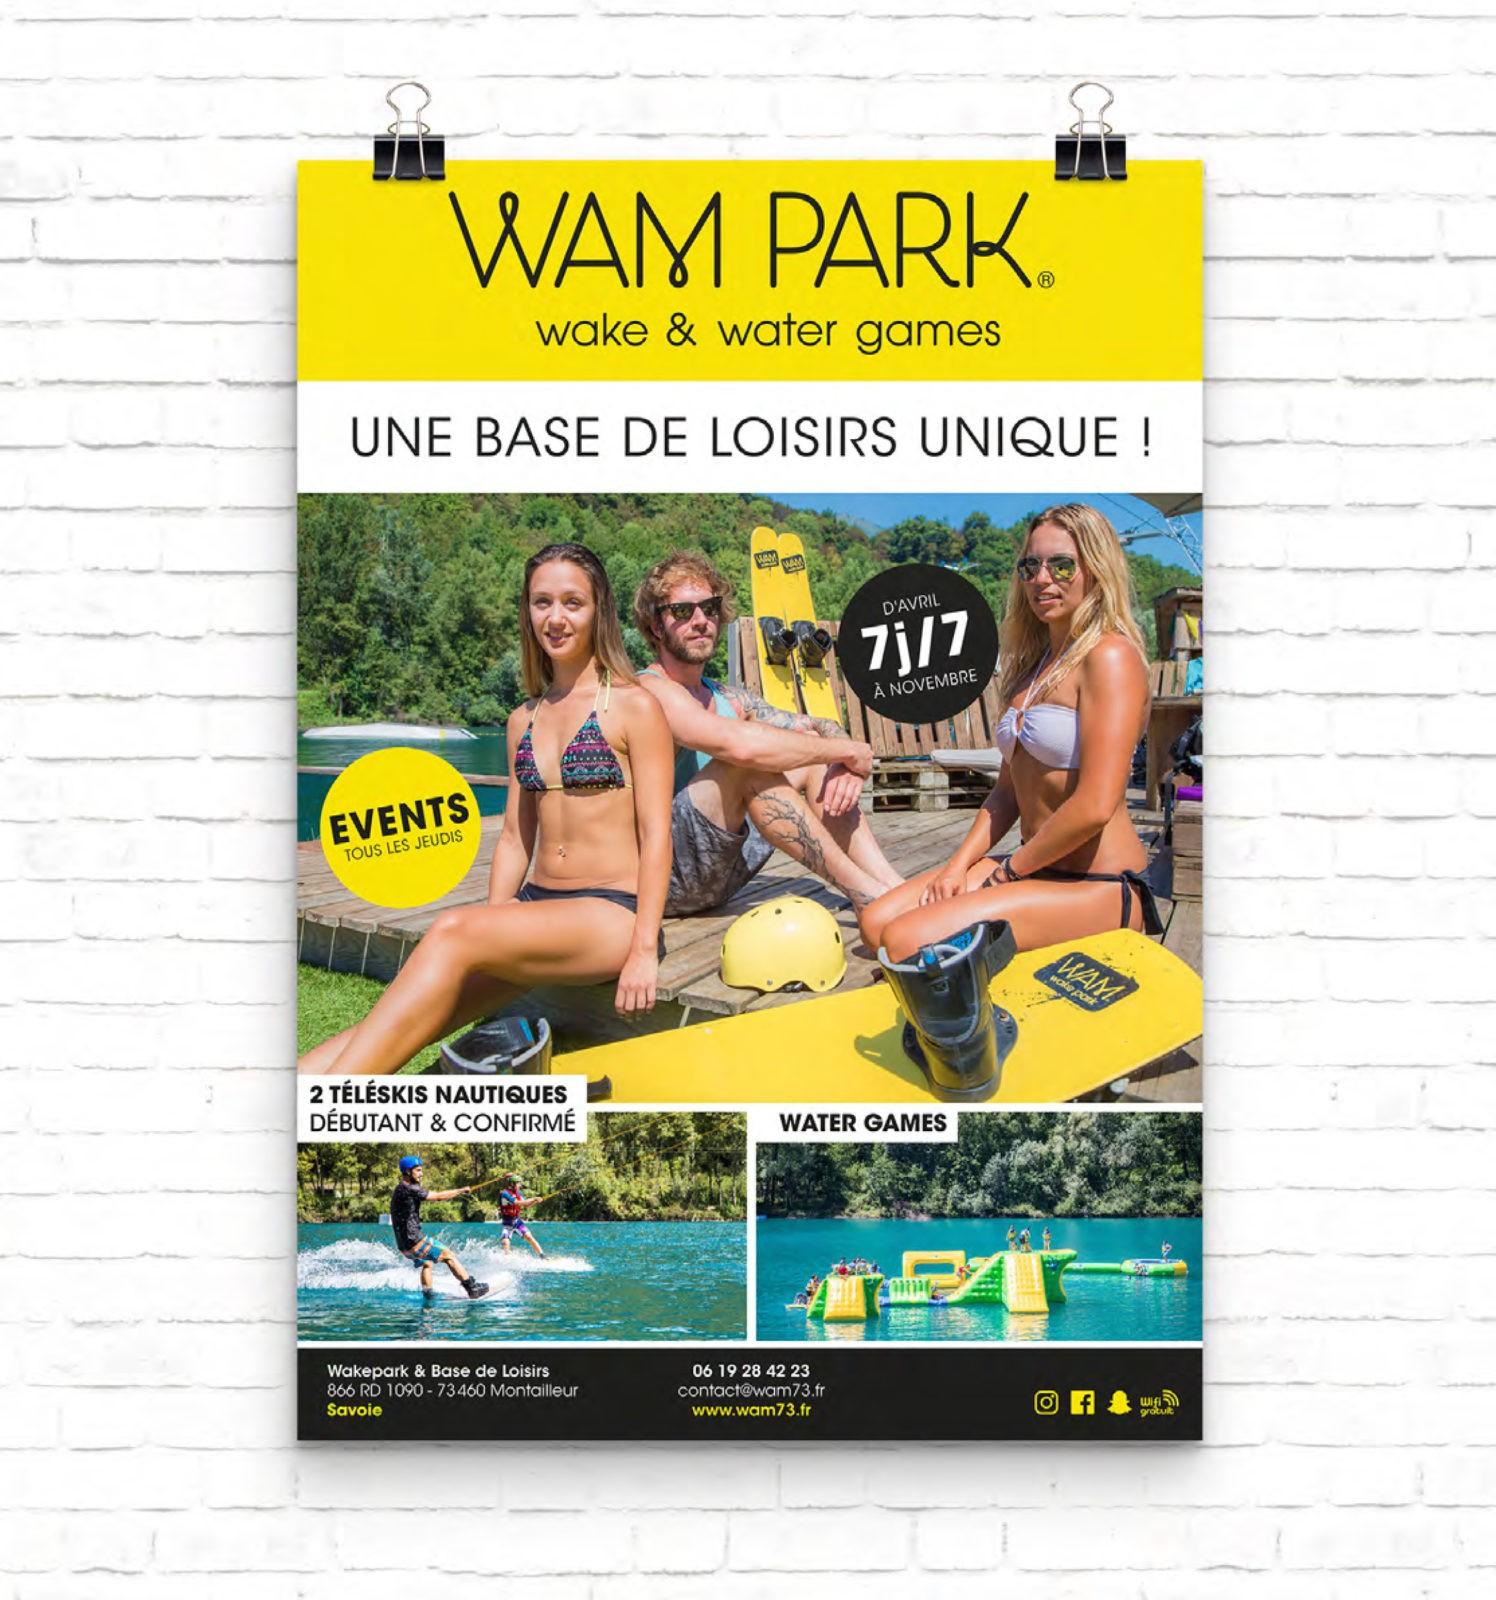 Création d'affiche et publicité 4X3 pour la base de loisir WAM PARK Savoie